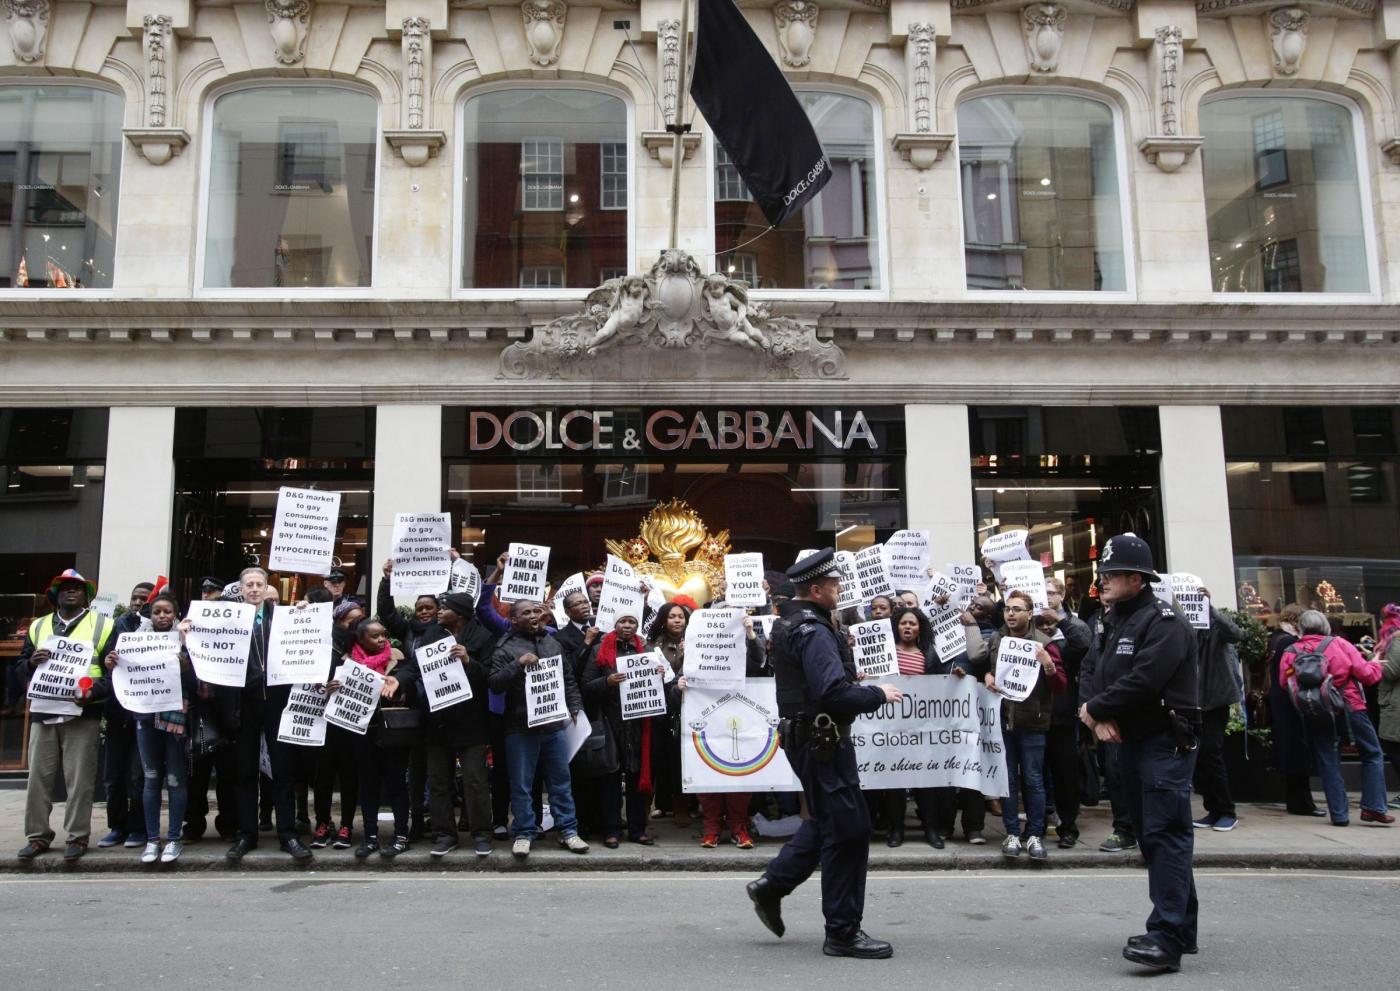 Dolce & Gabbana e l'utero in affitto: proteste davanti al negozio di Londra03